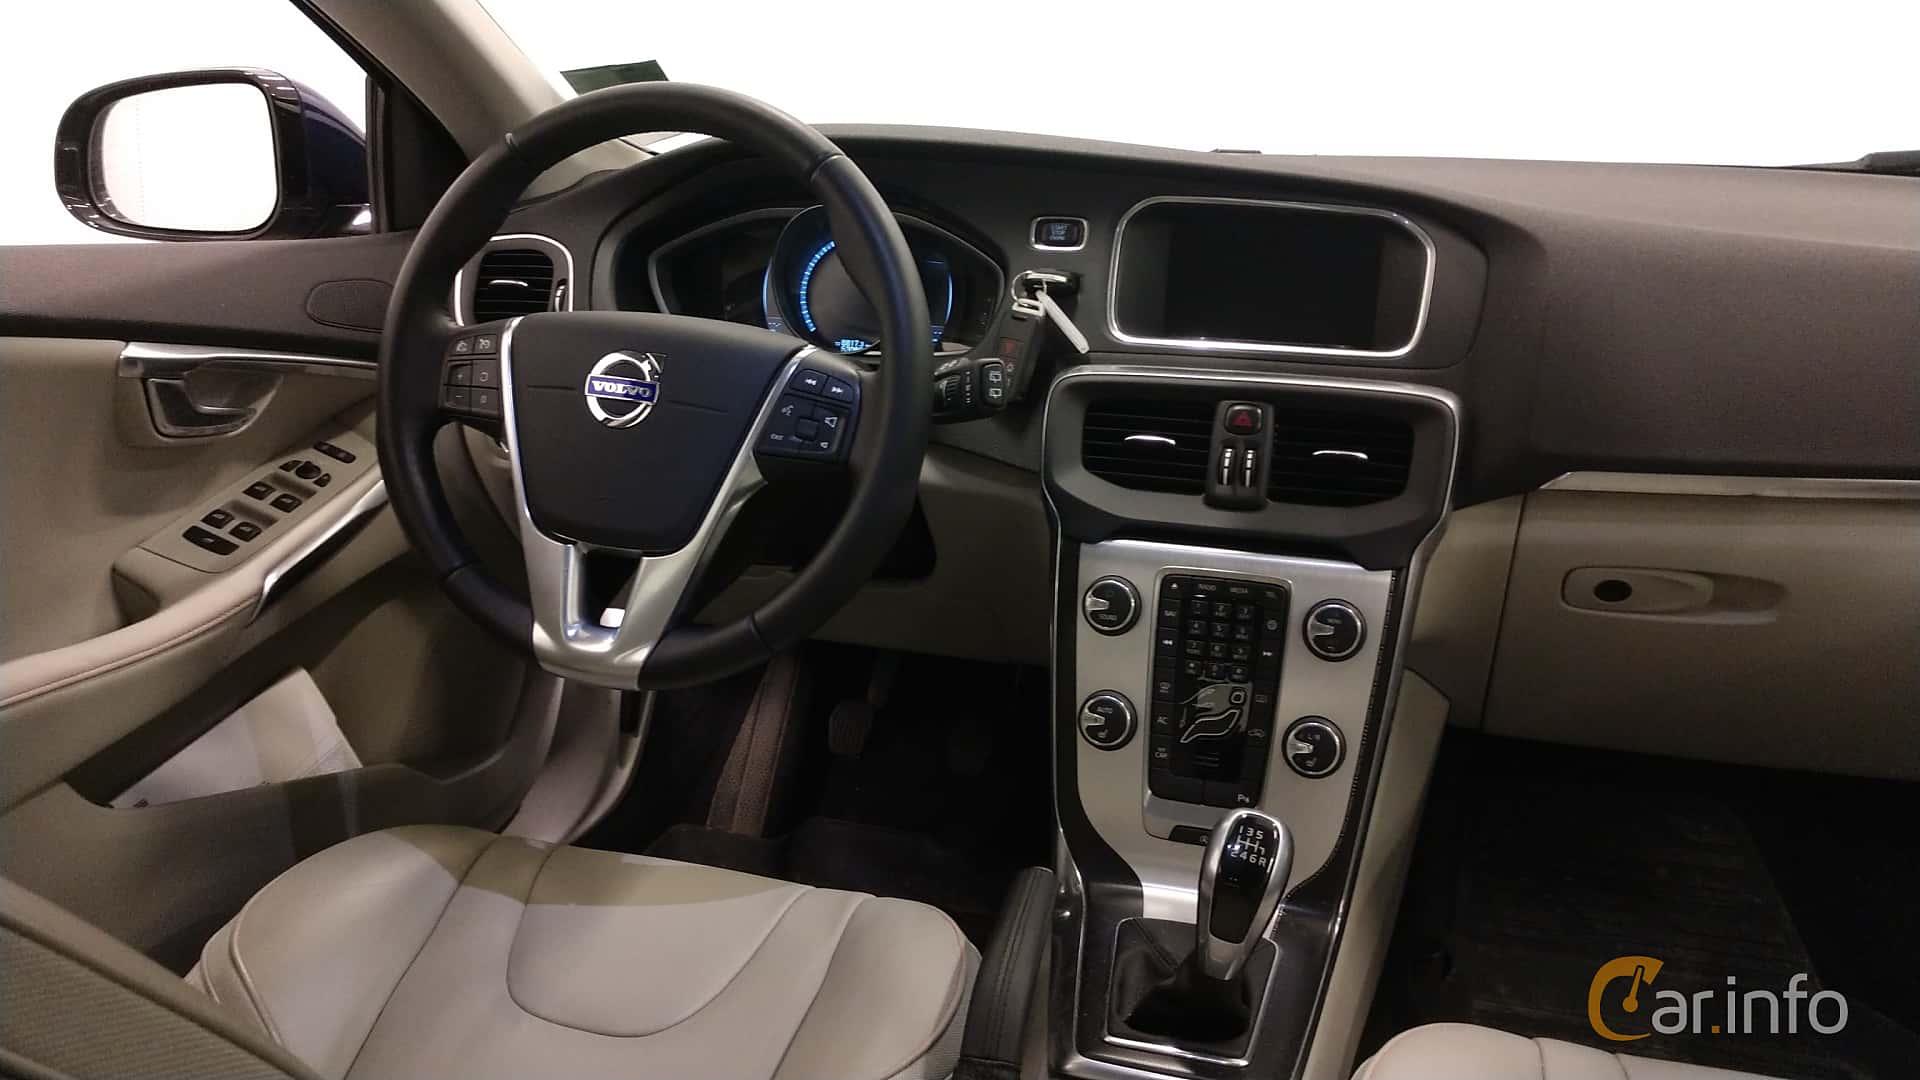 Volvo V40 D3 Manual, 150hp, 2016